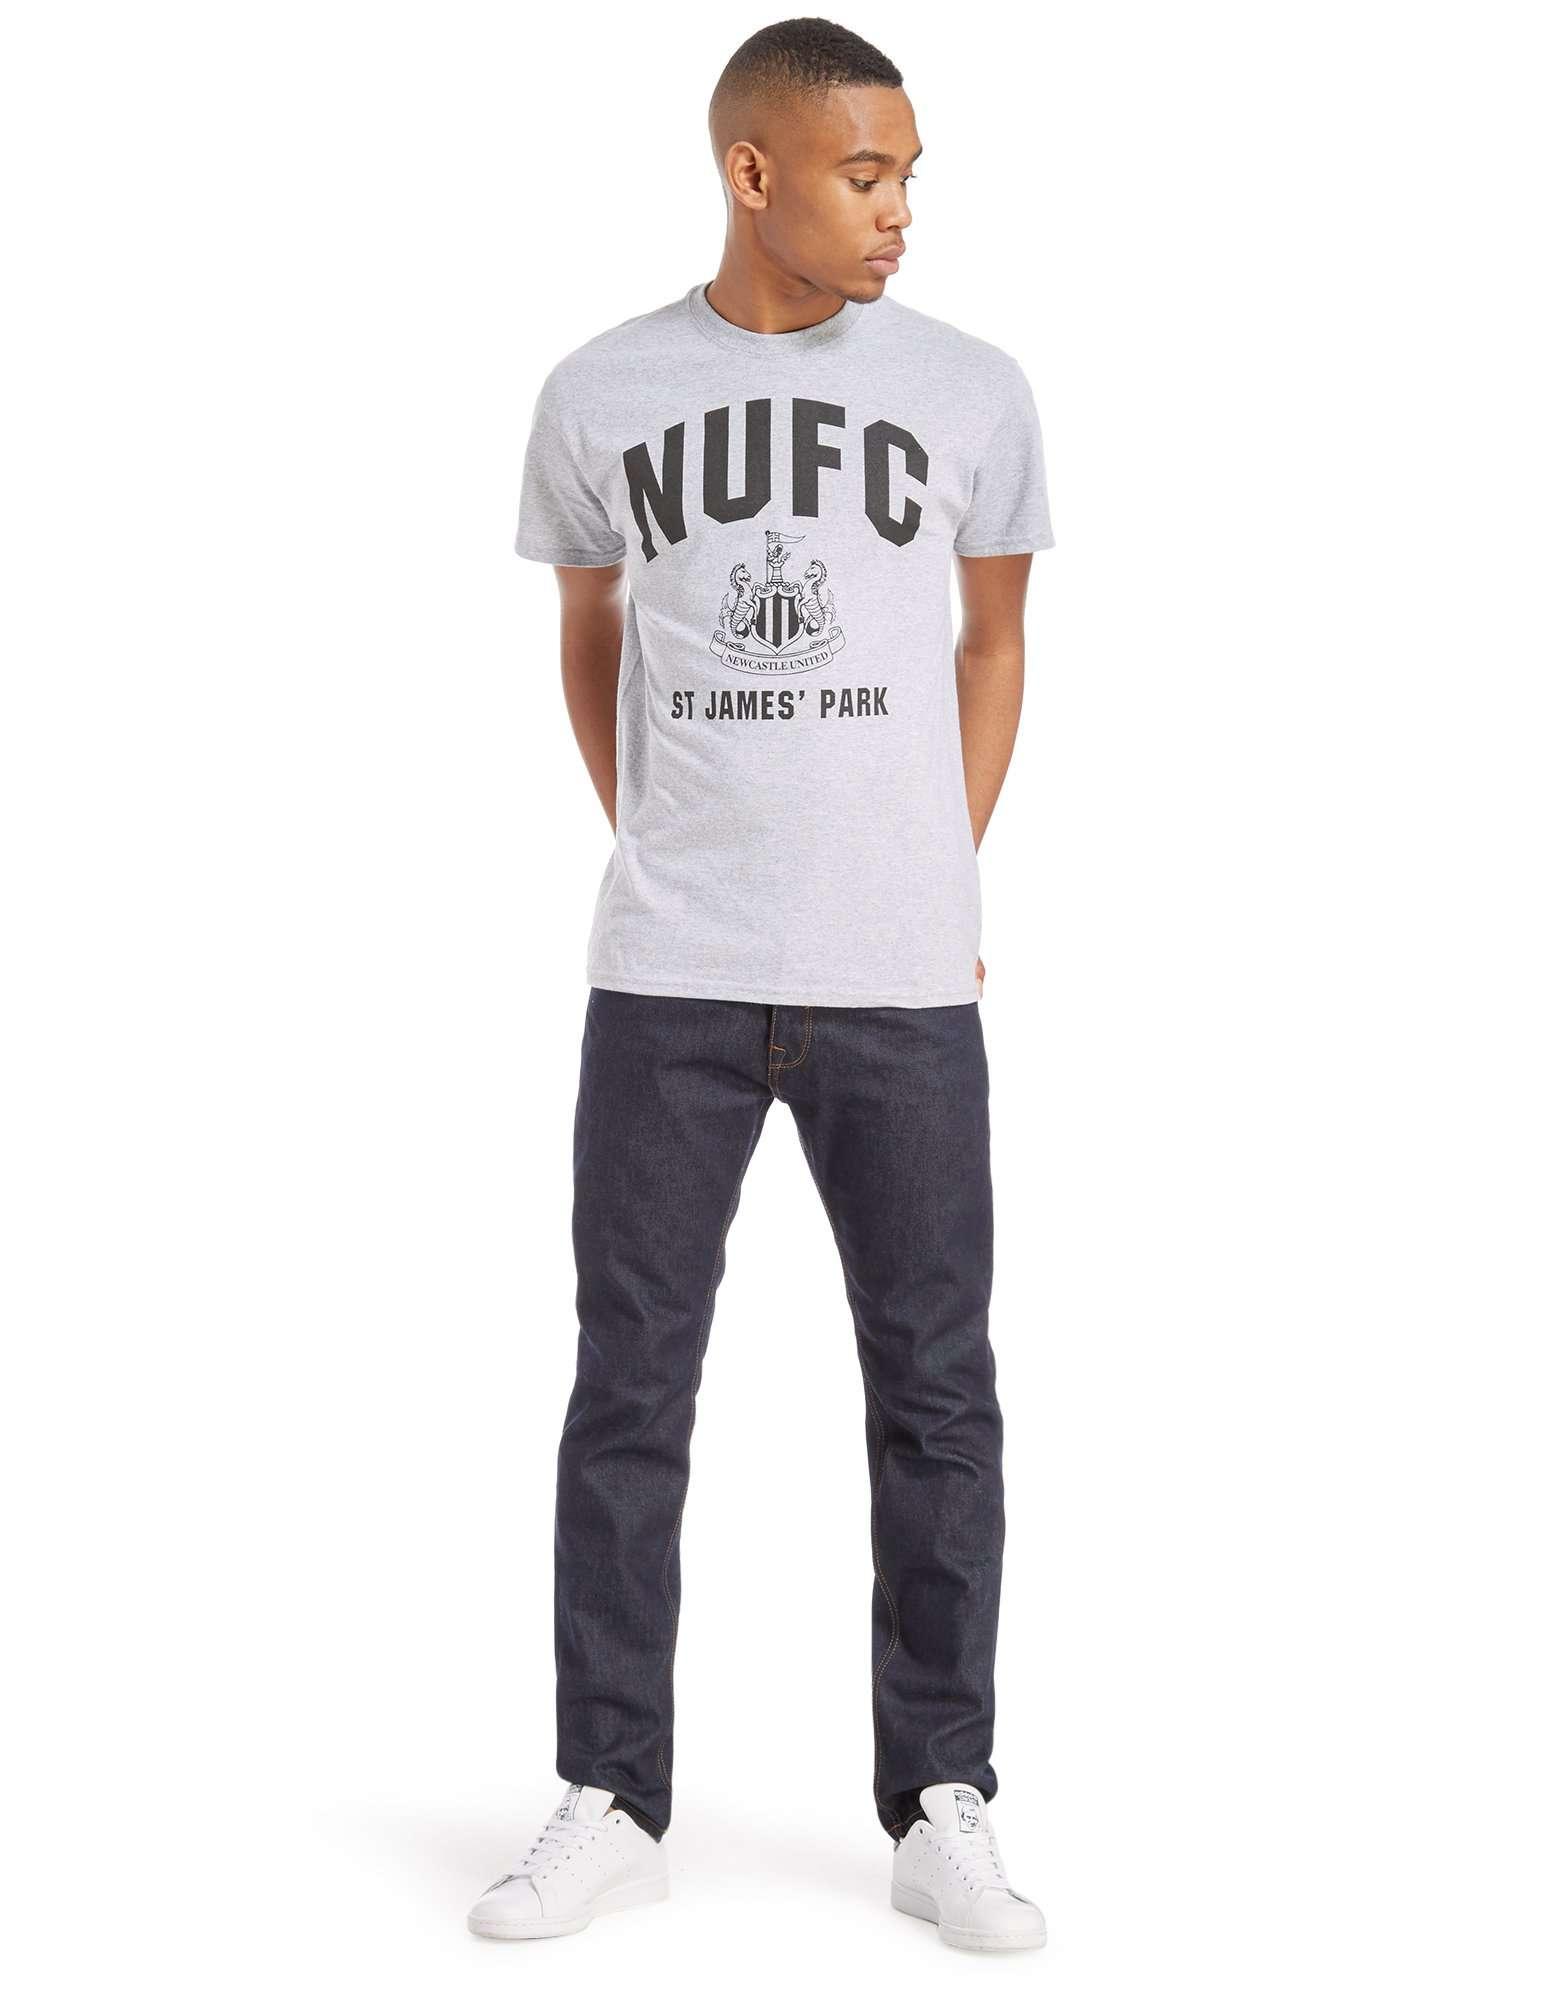 Official Team NUFC Saint James Park T-Shirt